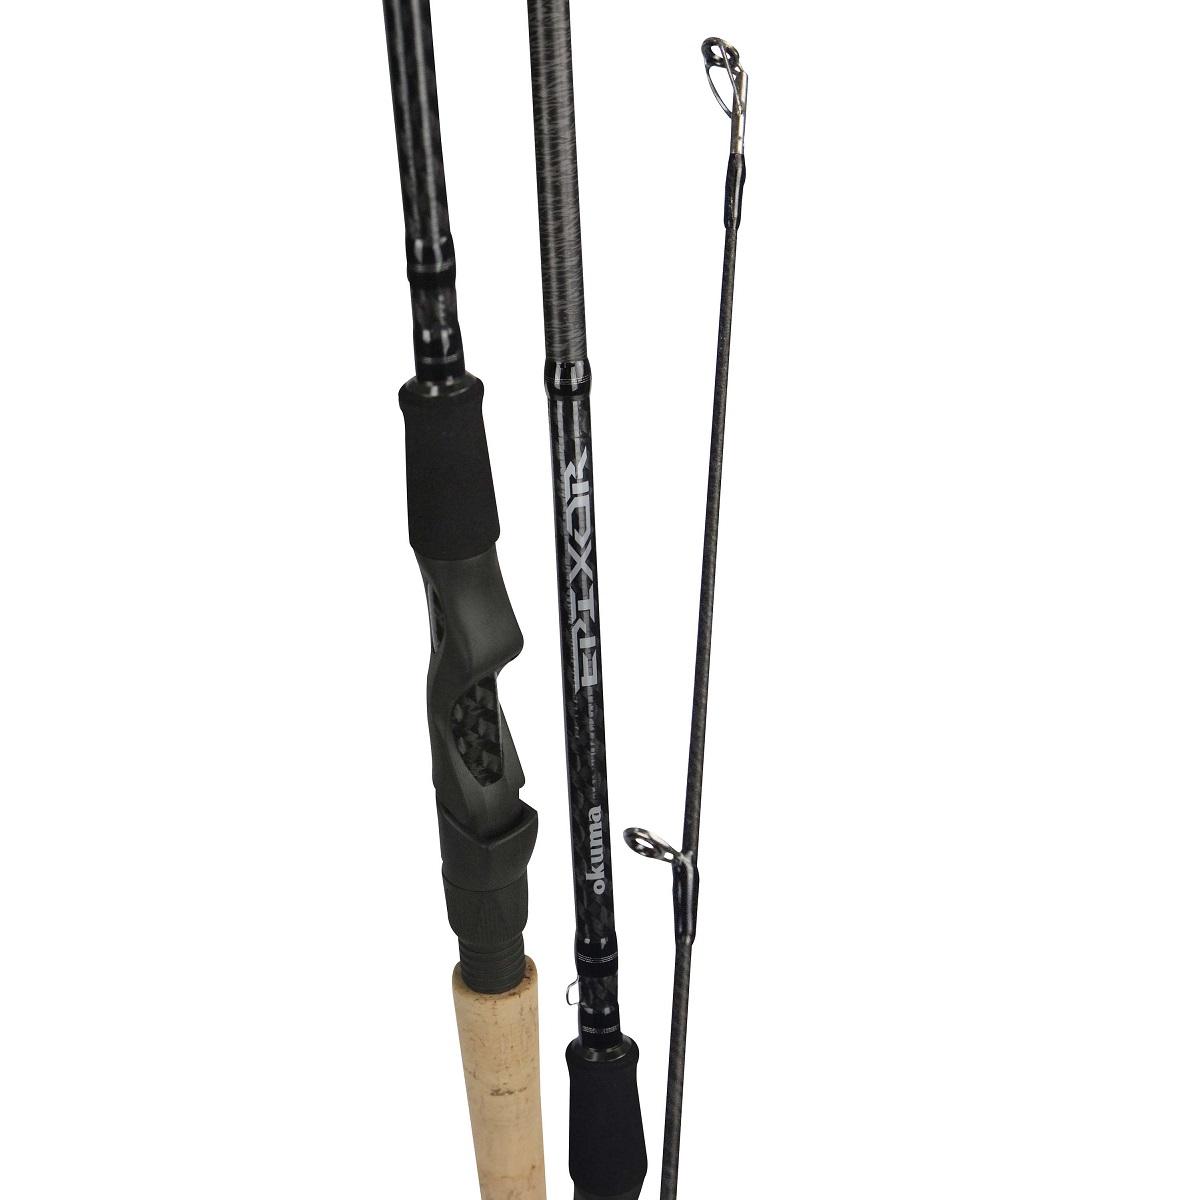 Epixor Rod 2018 New Okuma Fishing Rods And Reels